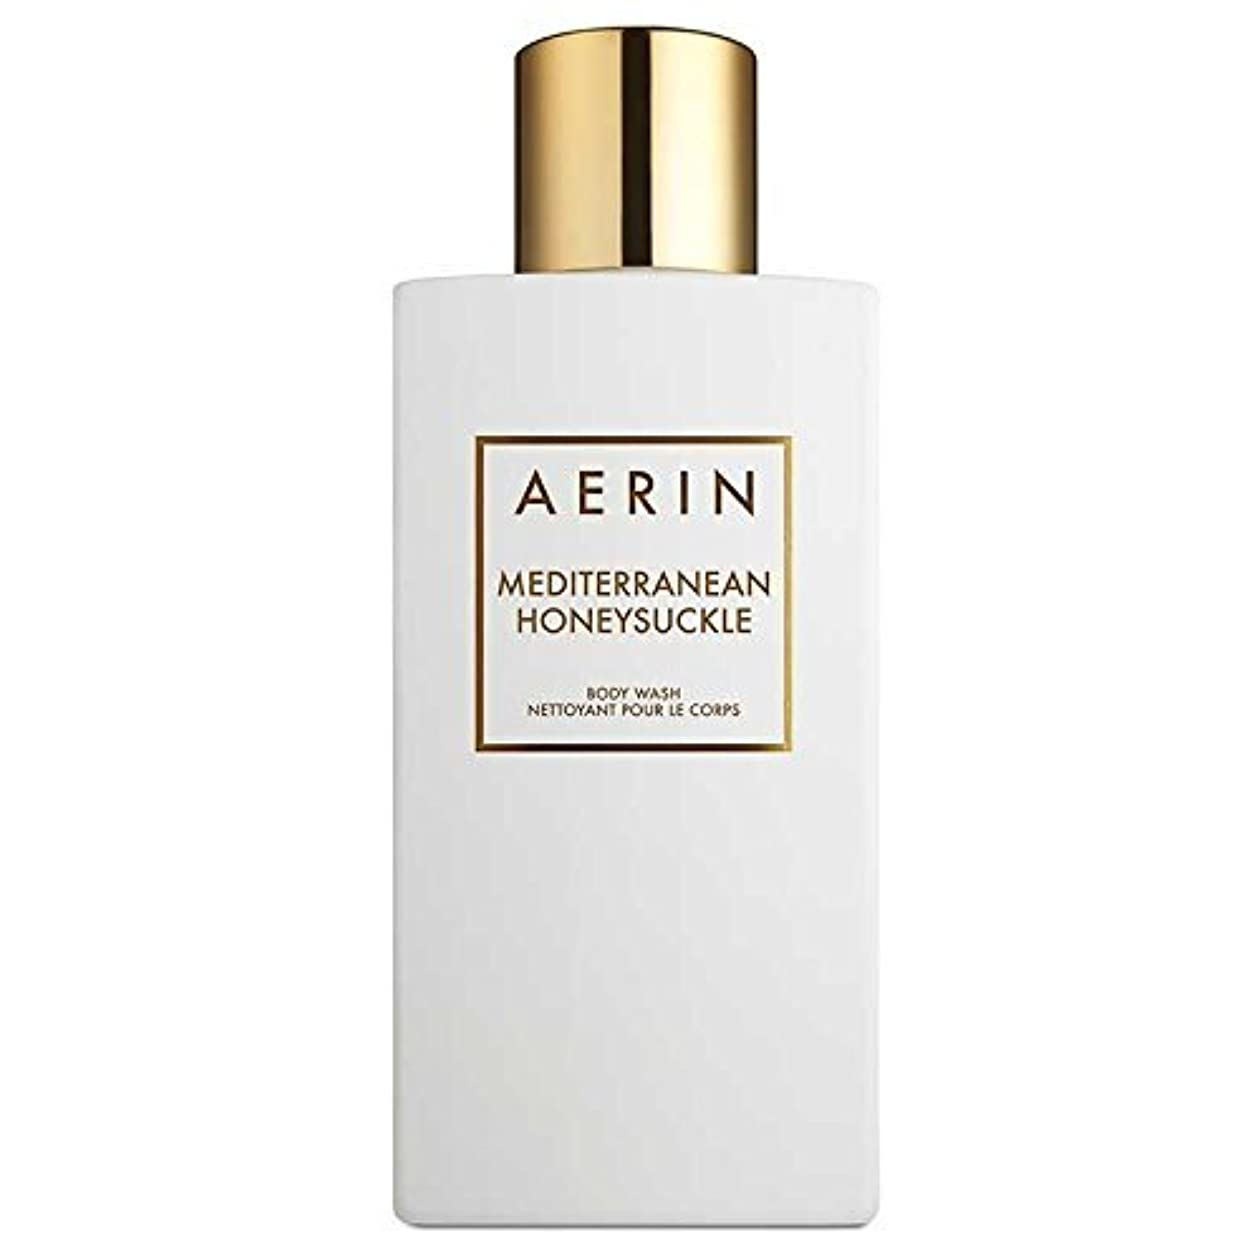 小川枯れる対称AERIN Mediterranean Honeysuckle (アエリン メディタレーニアン ハニーサックル) 7.6 oz (228ml) Body Wash ボディーウオッシュ by Estee Lauder for...